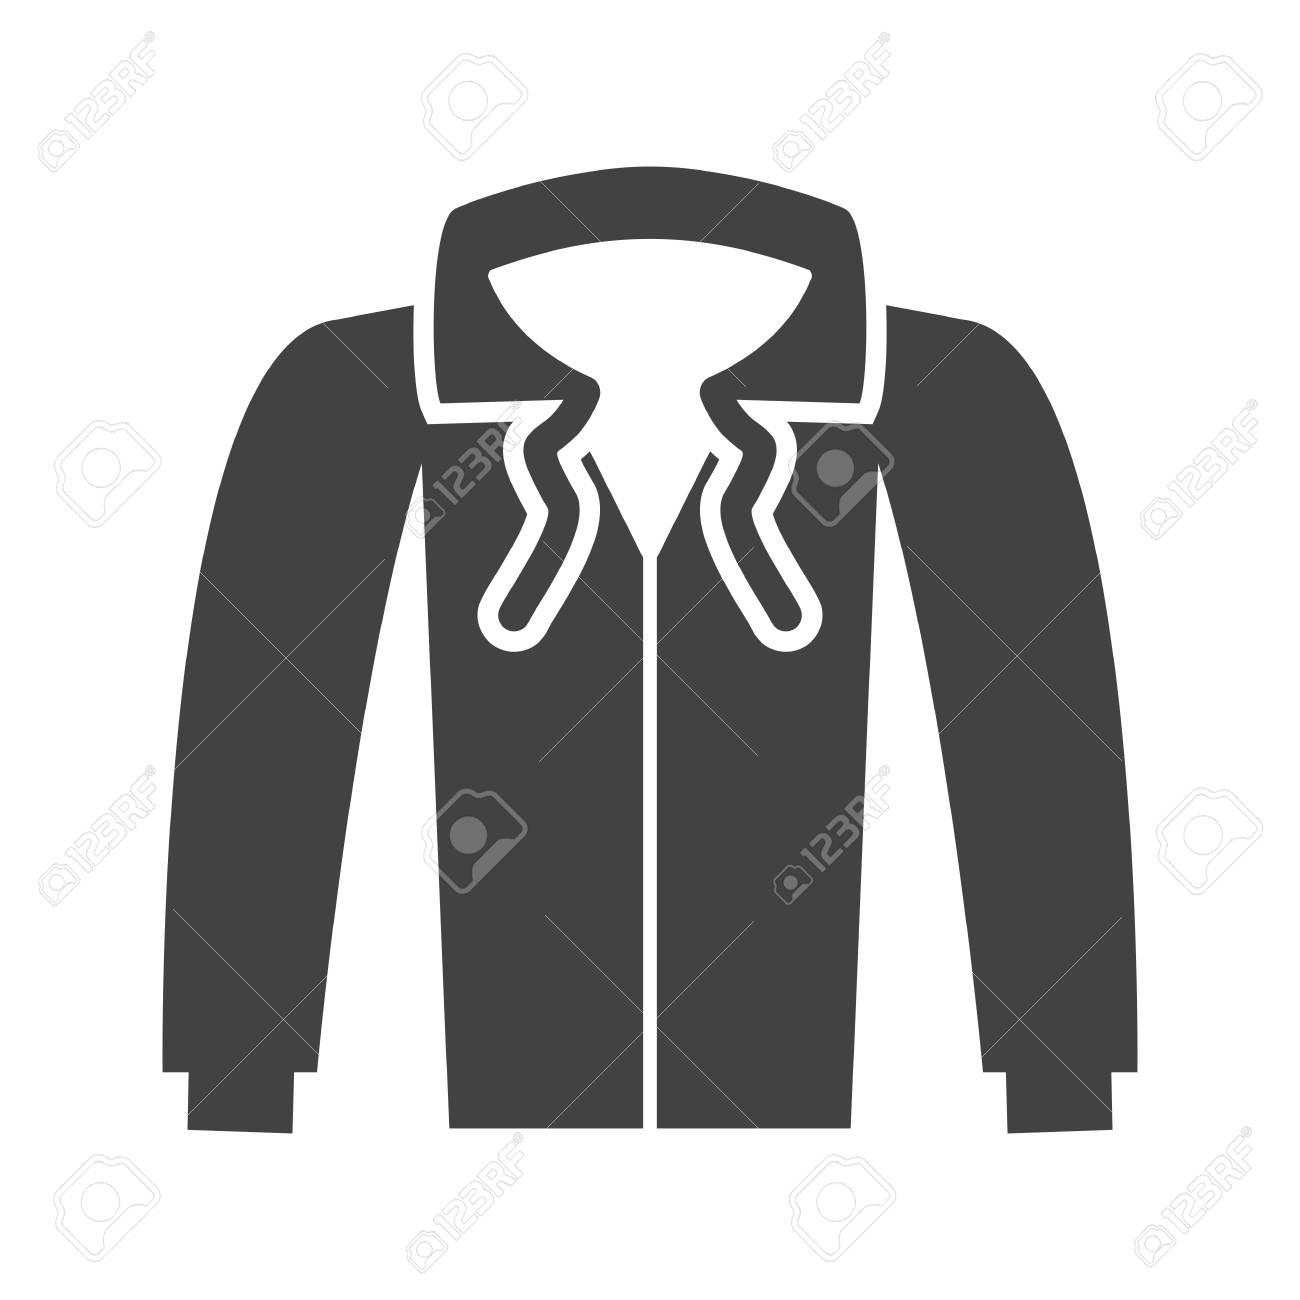 abd3eca9e46691 Archivio Fotografico - Maglione, abbigliamento, immagine vettoriale icona  della moda. Può essere utilizzato anche per accessori uomo.